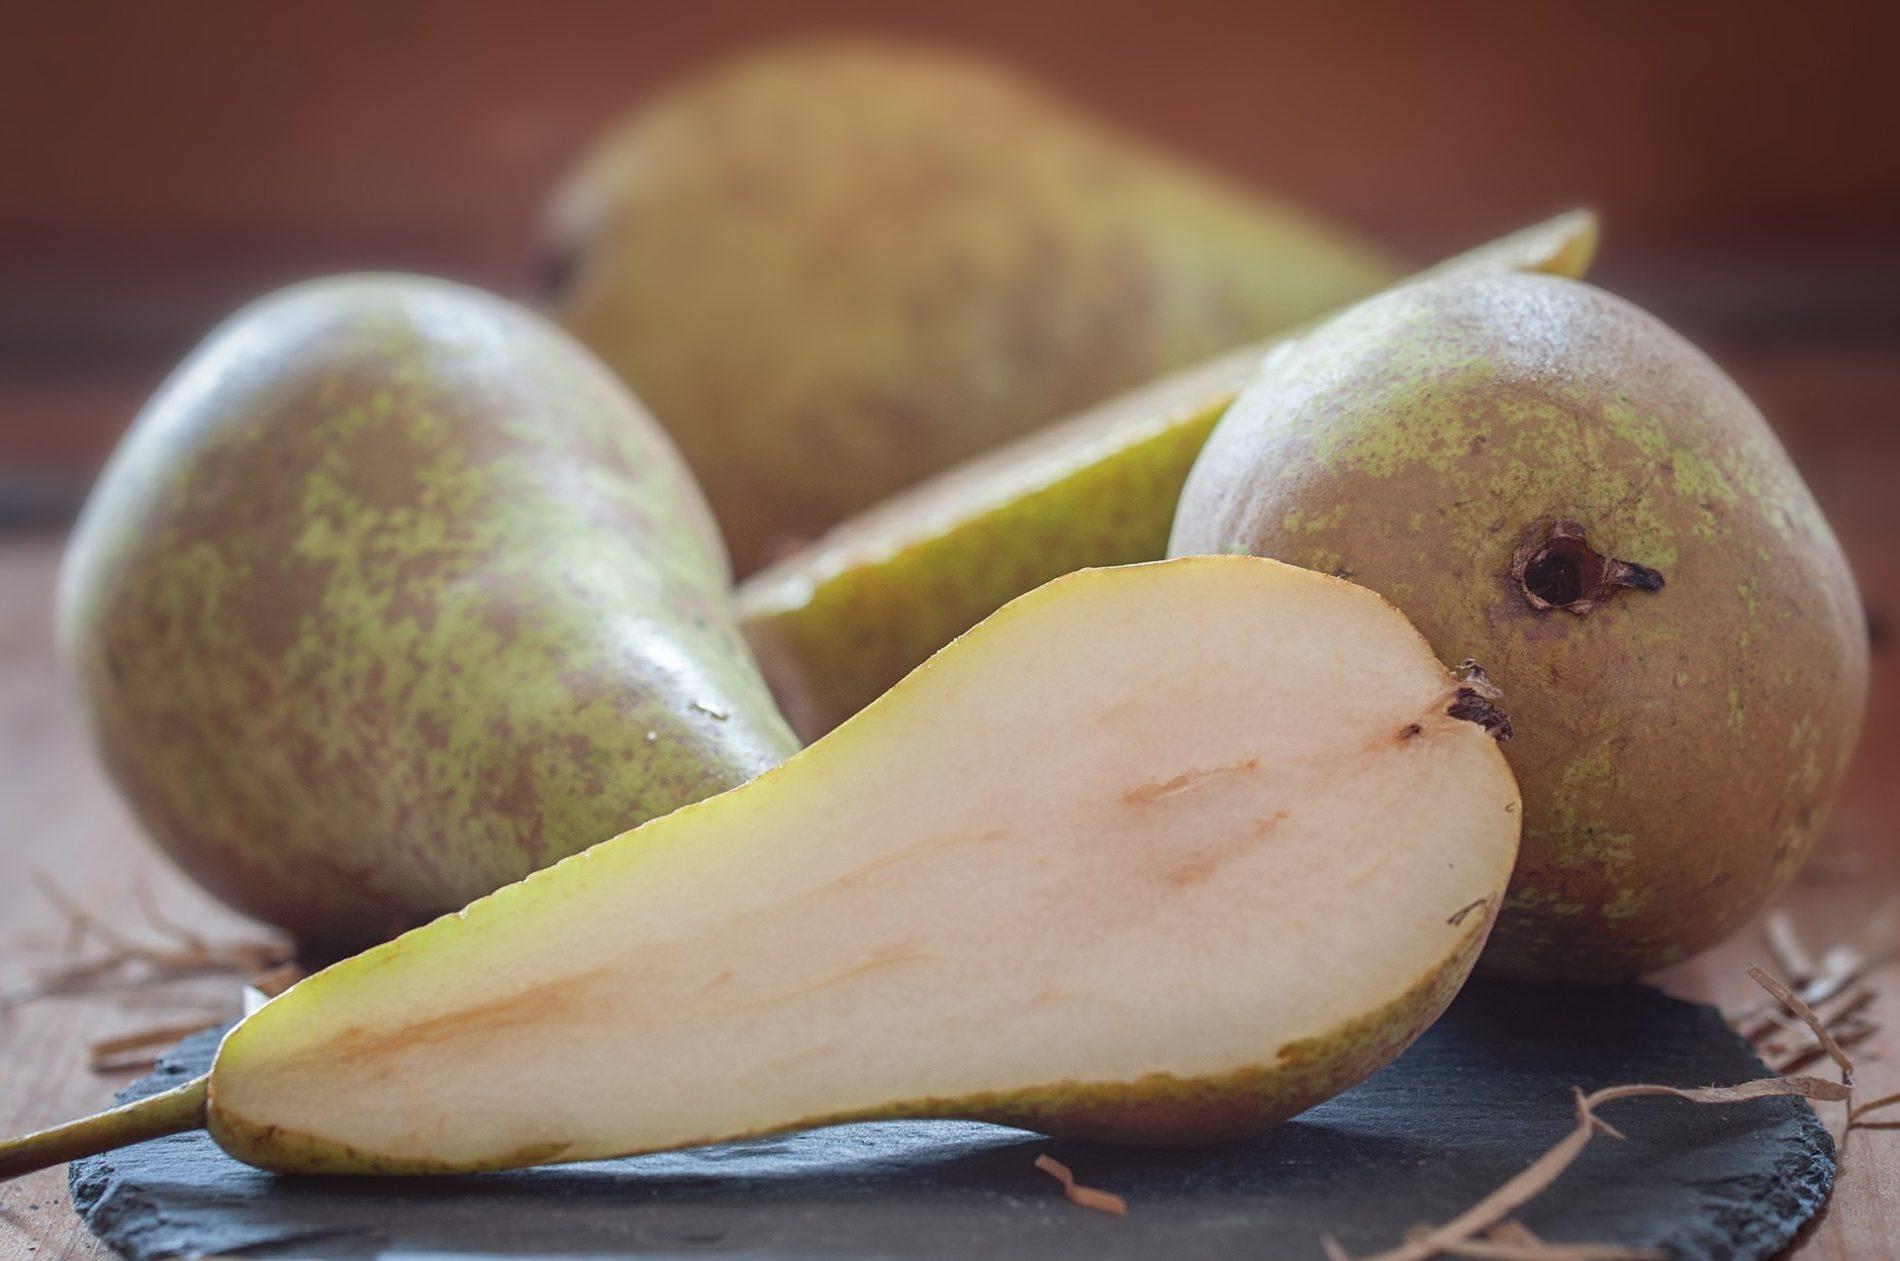 Brogdale pears